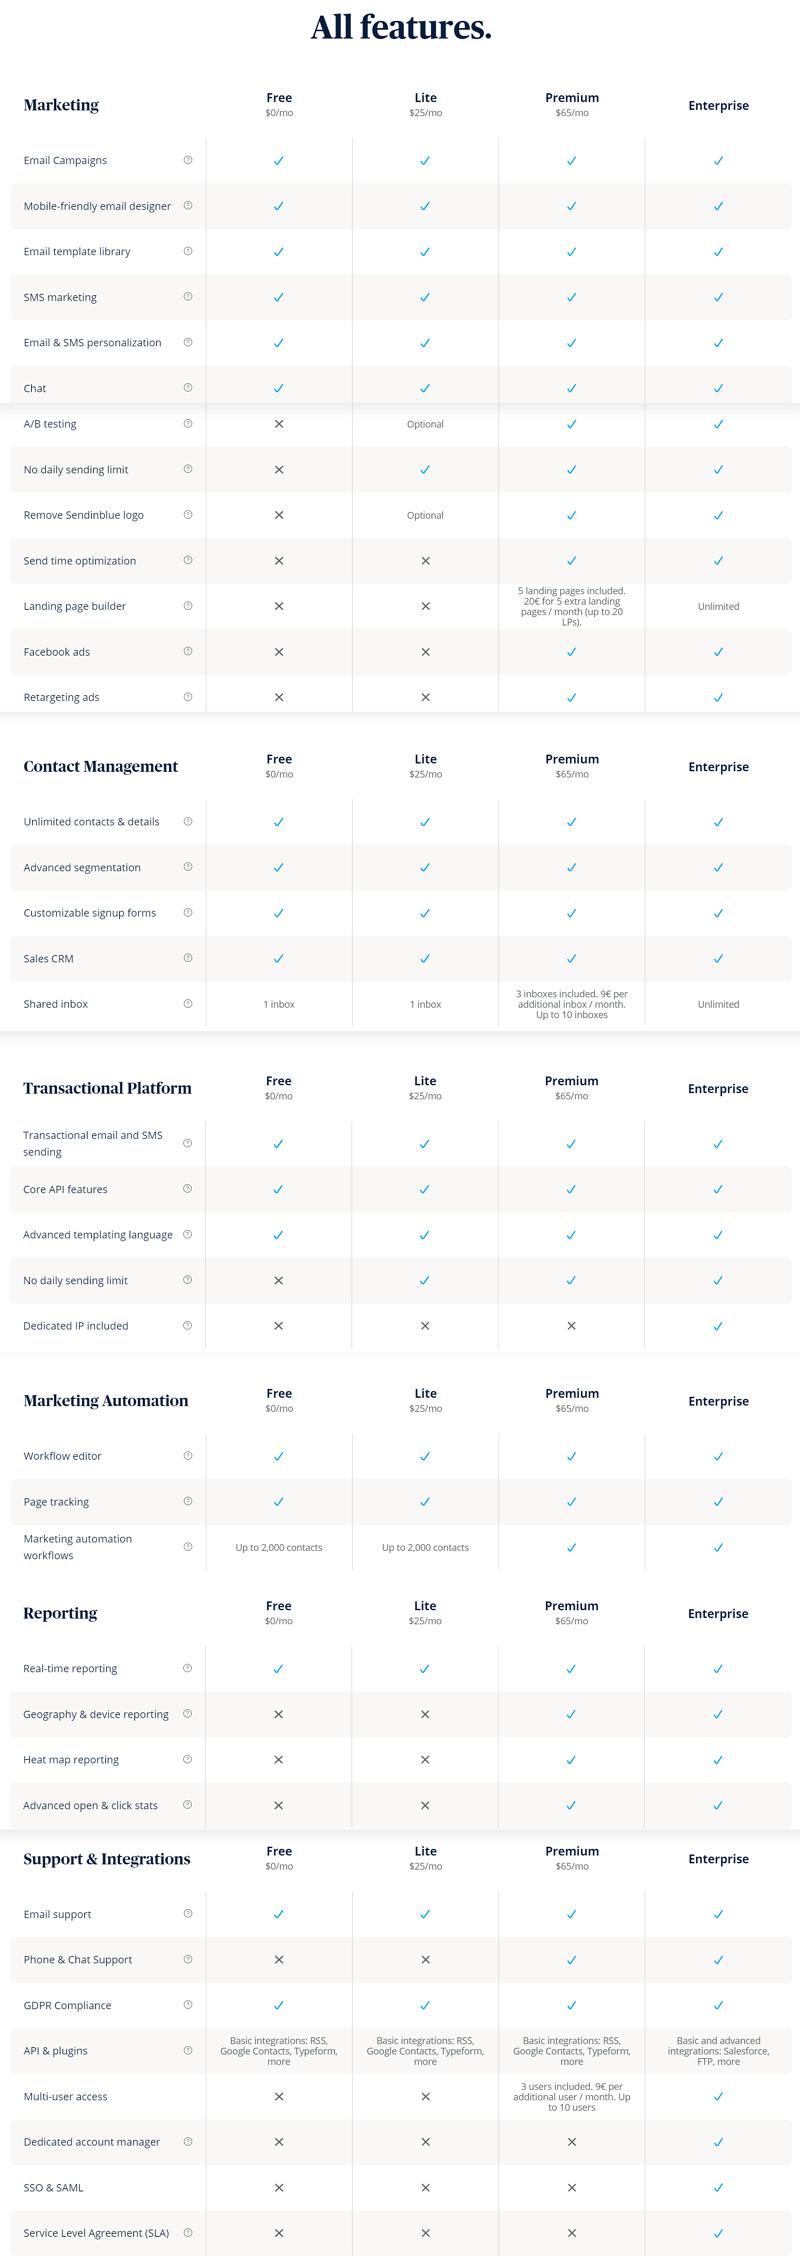 SendInBlue Plans and Features